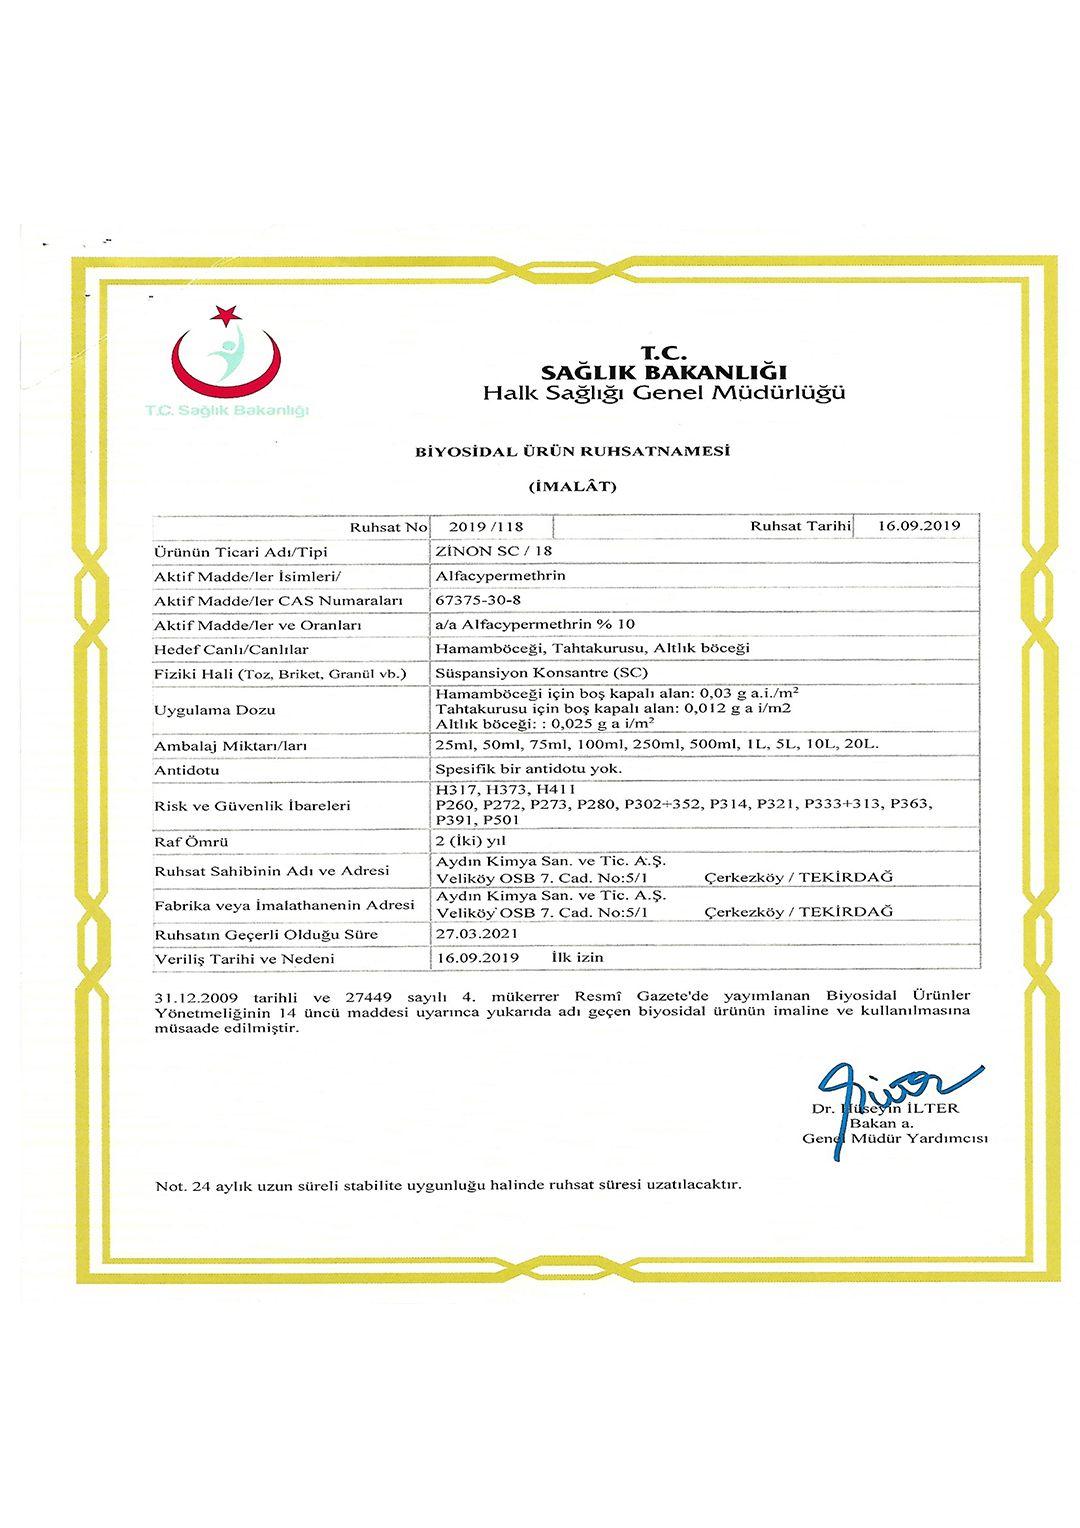 Türkiye Cümhuriyyeti Sağlık Bakanlığı